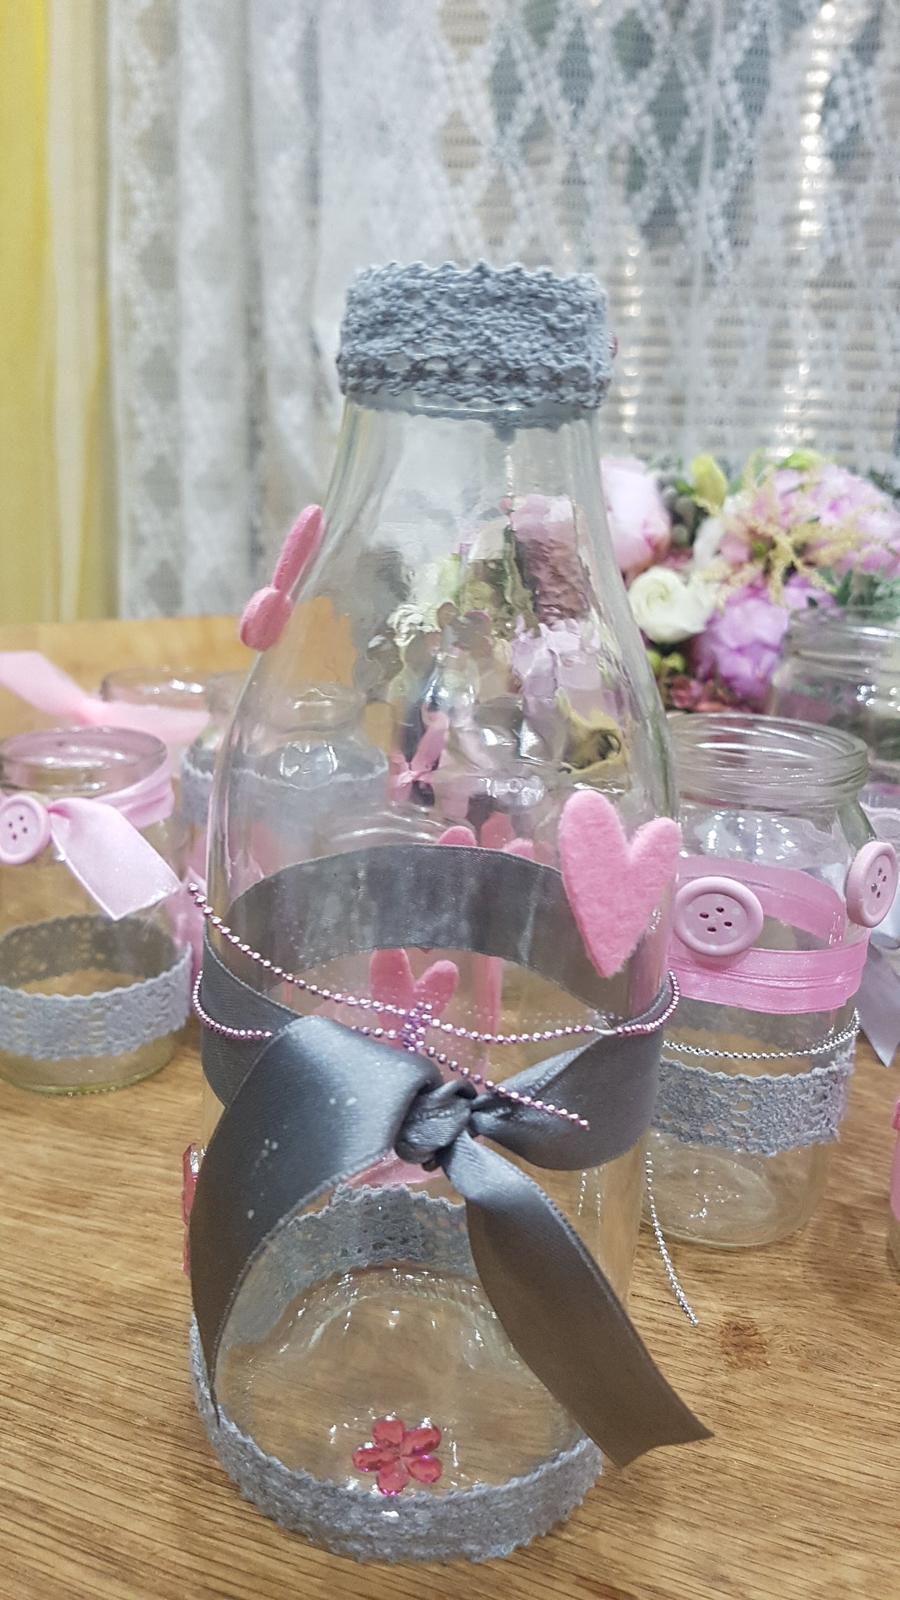 sklenice zdobená(váza, na vzkazy, brčka či nápoje) - Obrázek č. 3